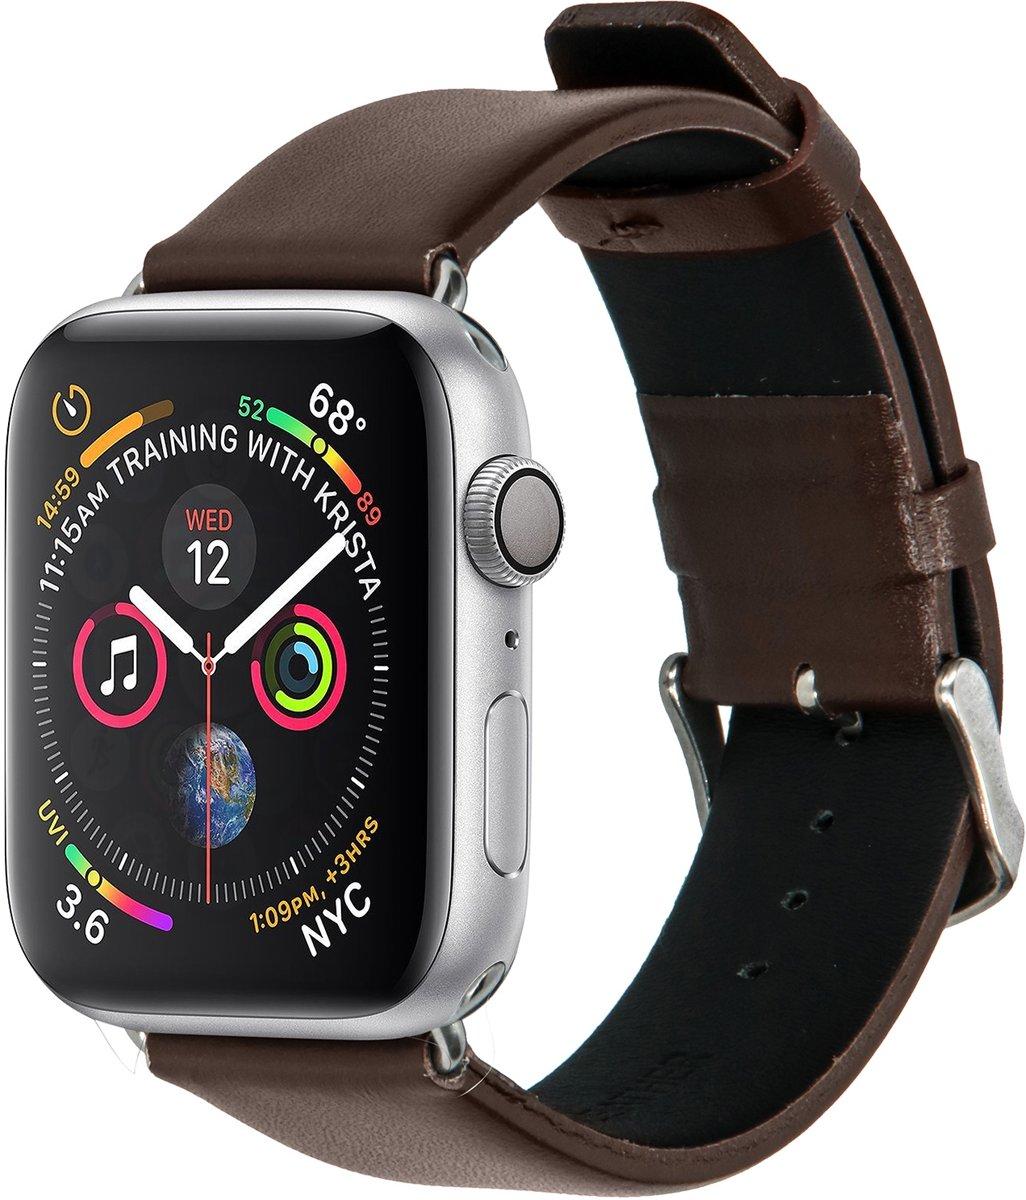 Donkerbruin effen lederen bandje voor de Apple Watch 40 / 38 mm kopen